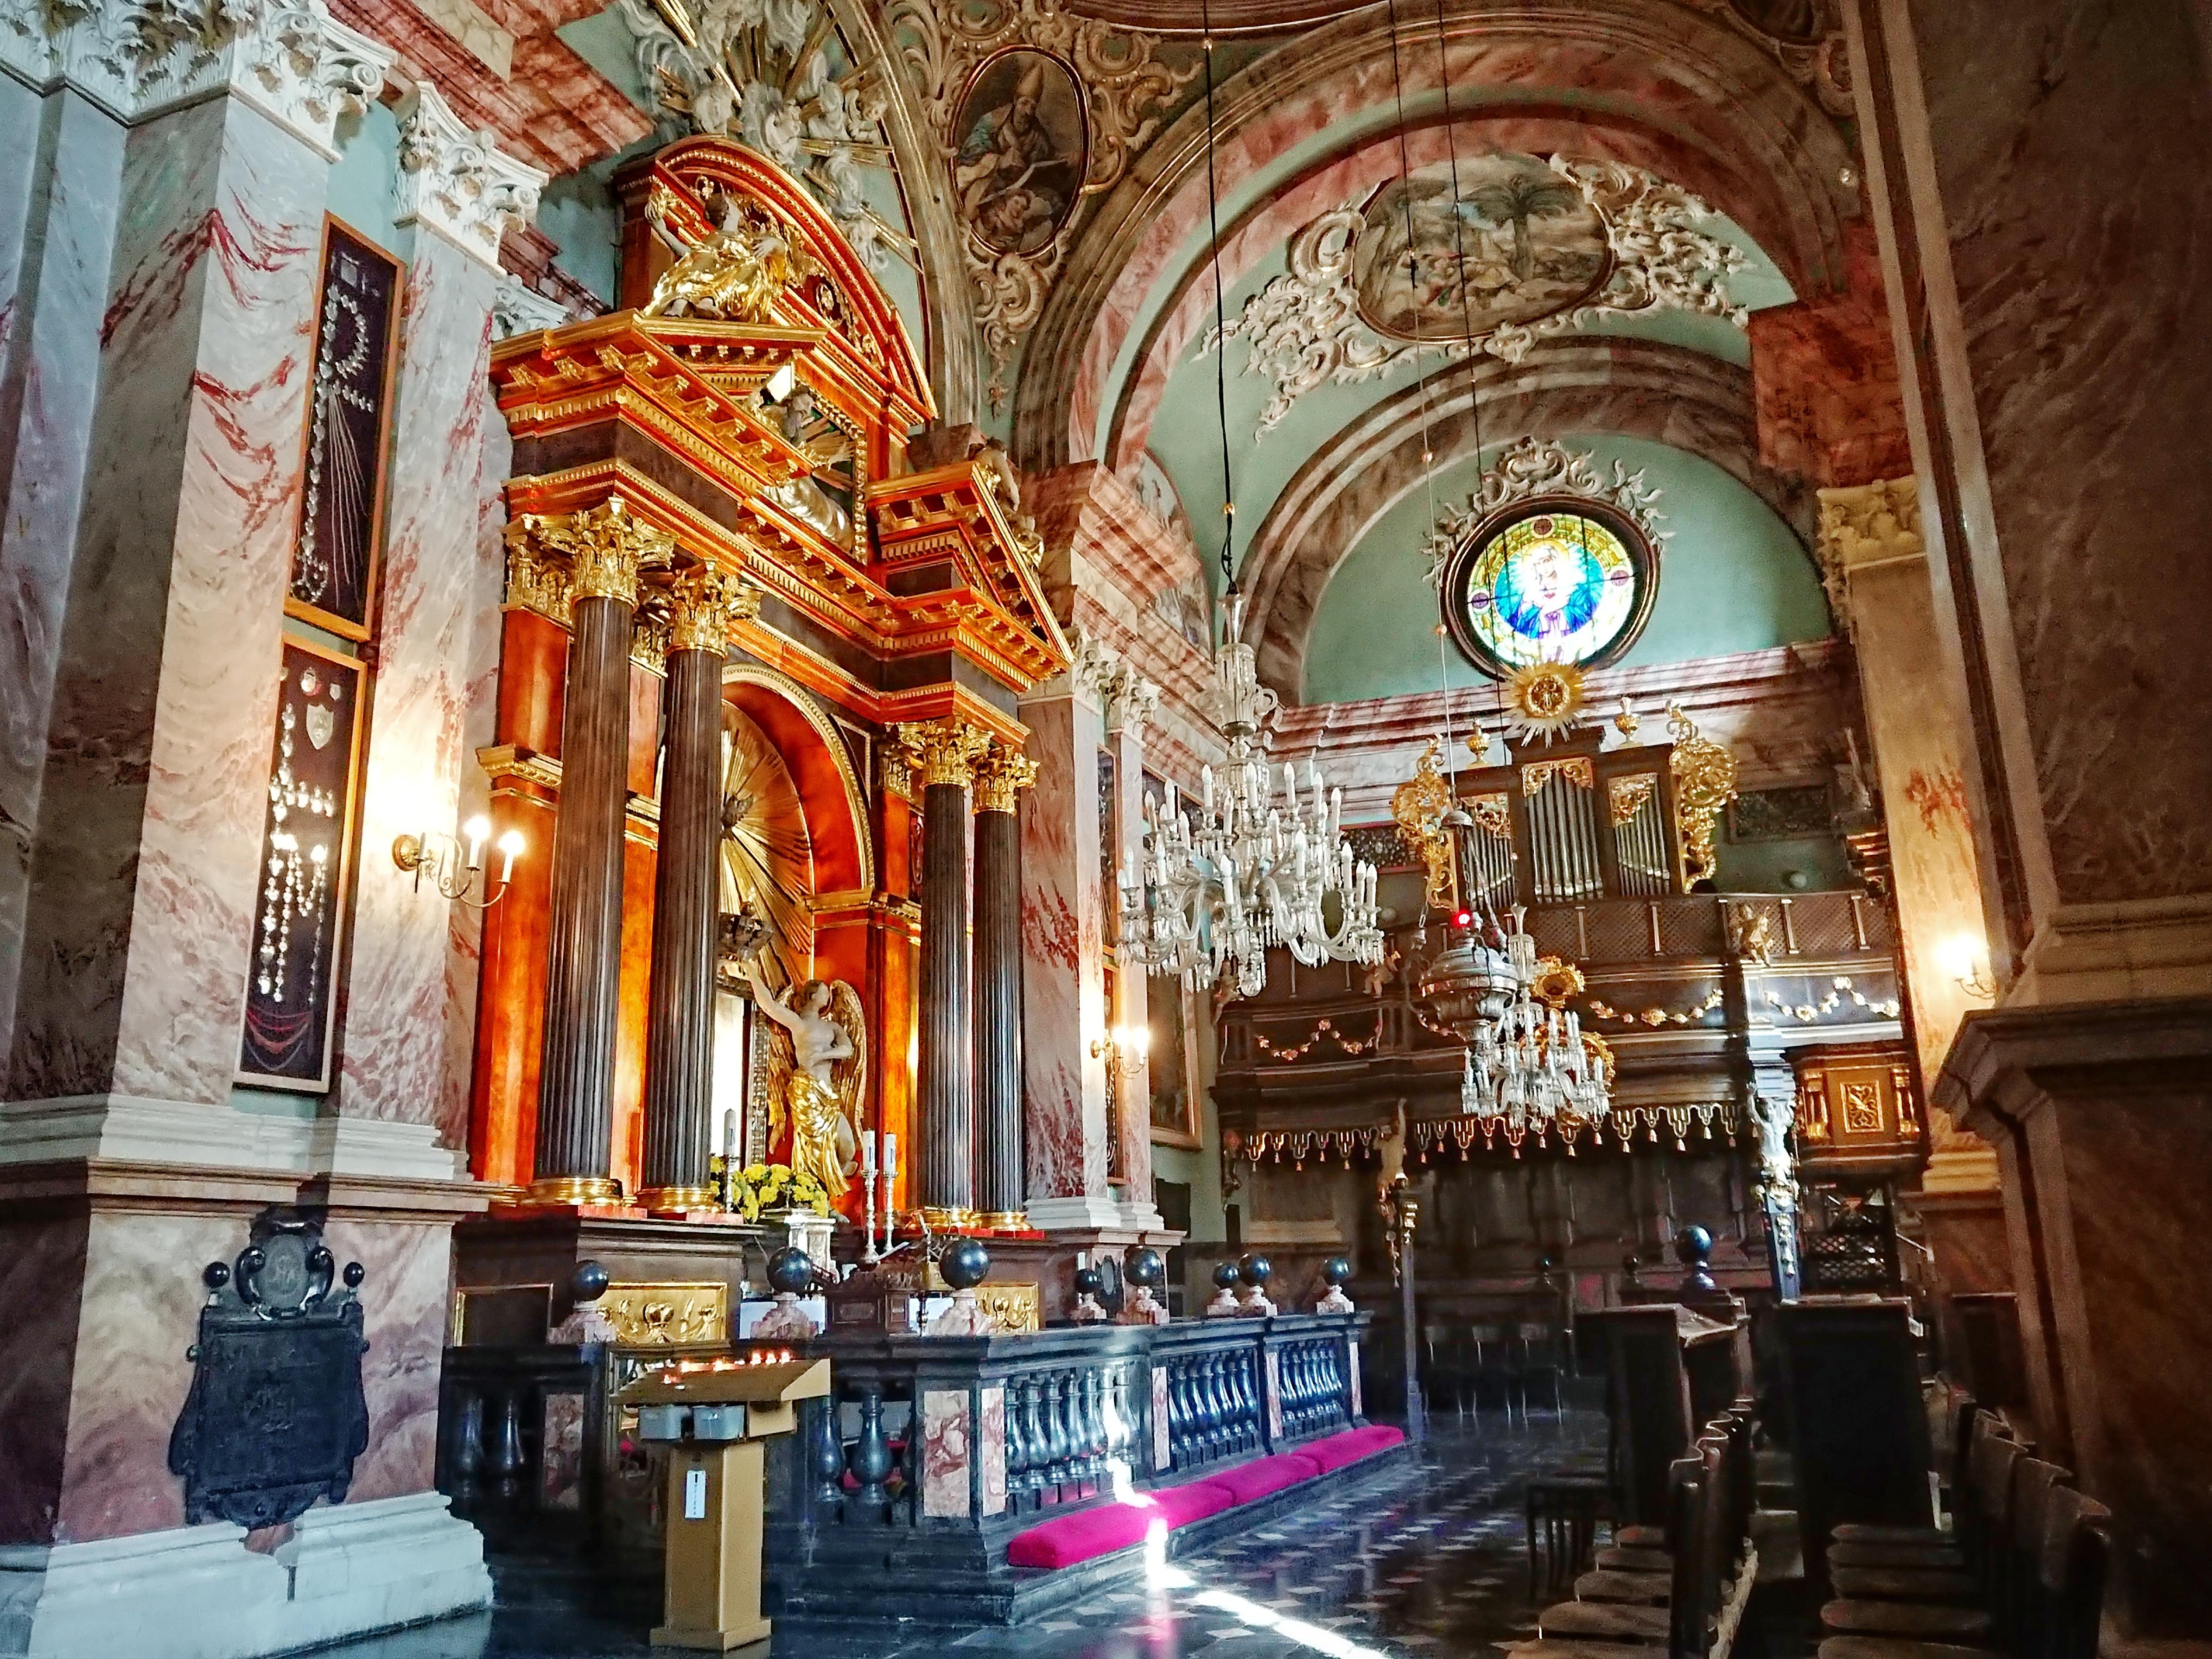 Kaplica Matki Boskiej Piaskowej przy kościele Karmelitów na Piasku, źródło: archiwum autorki